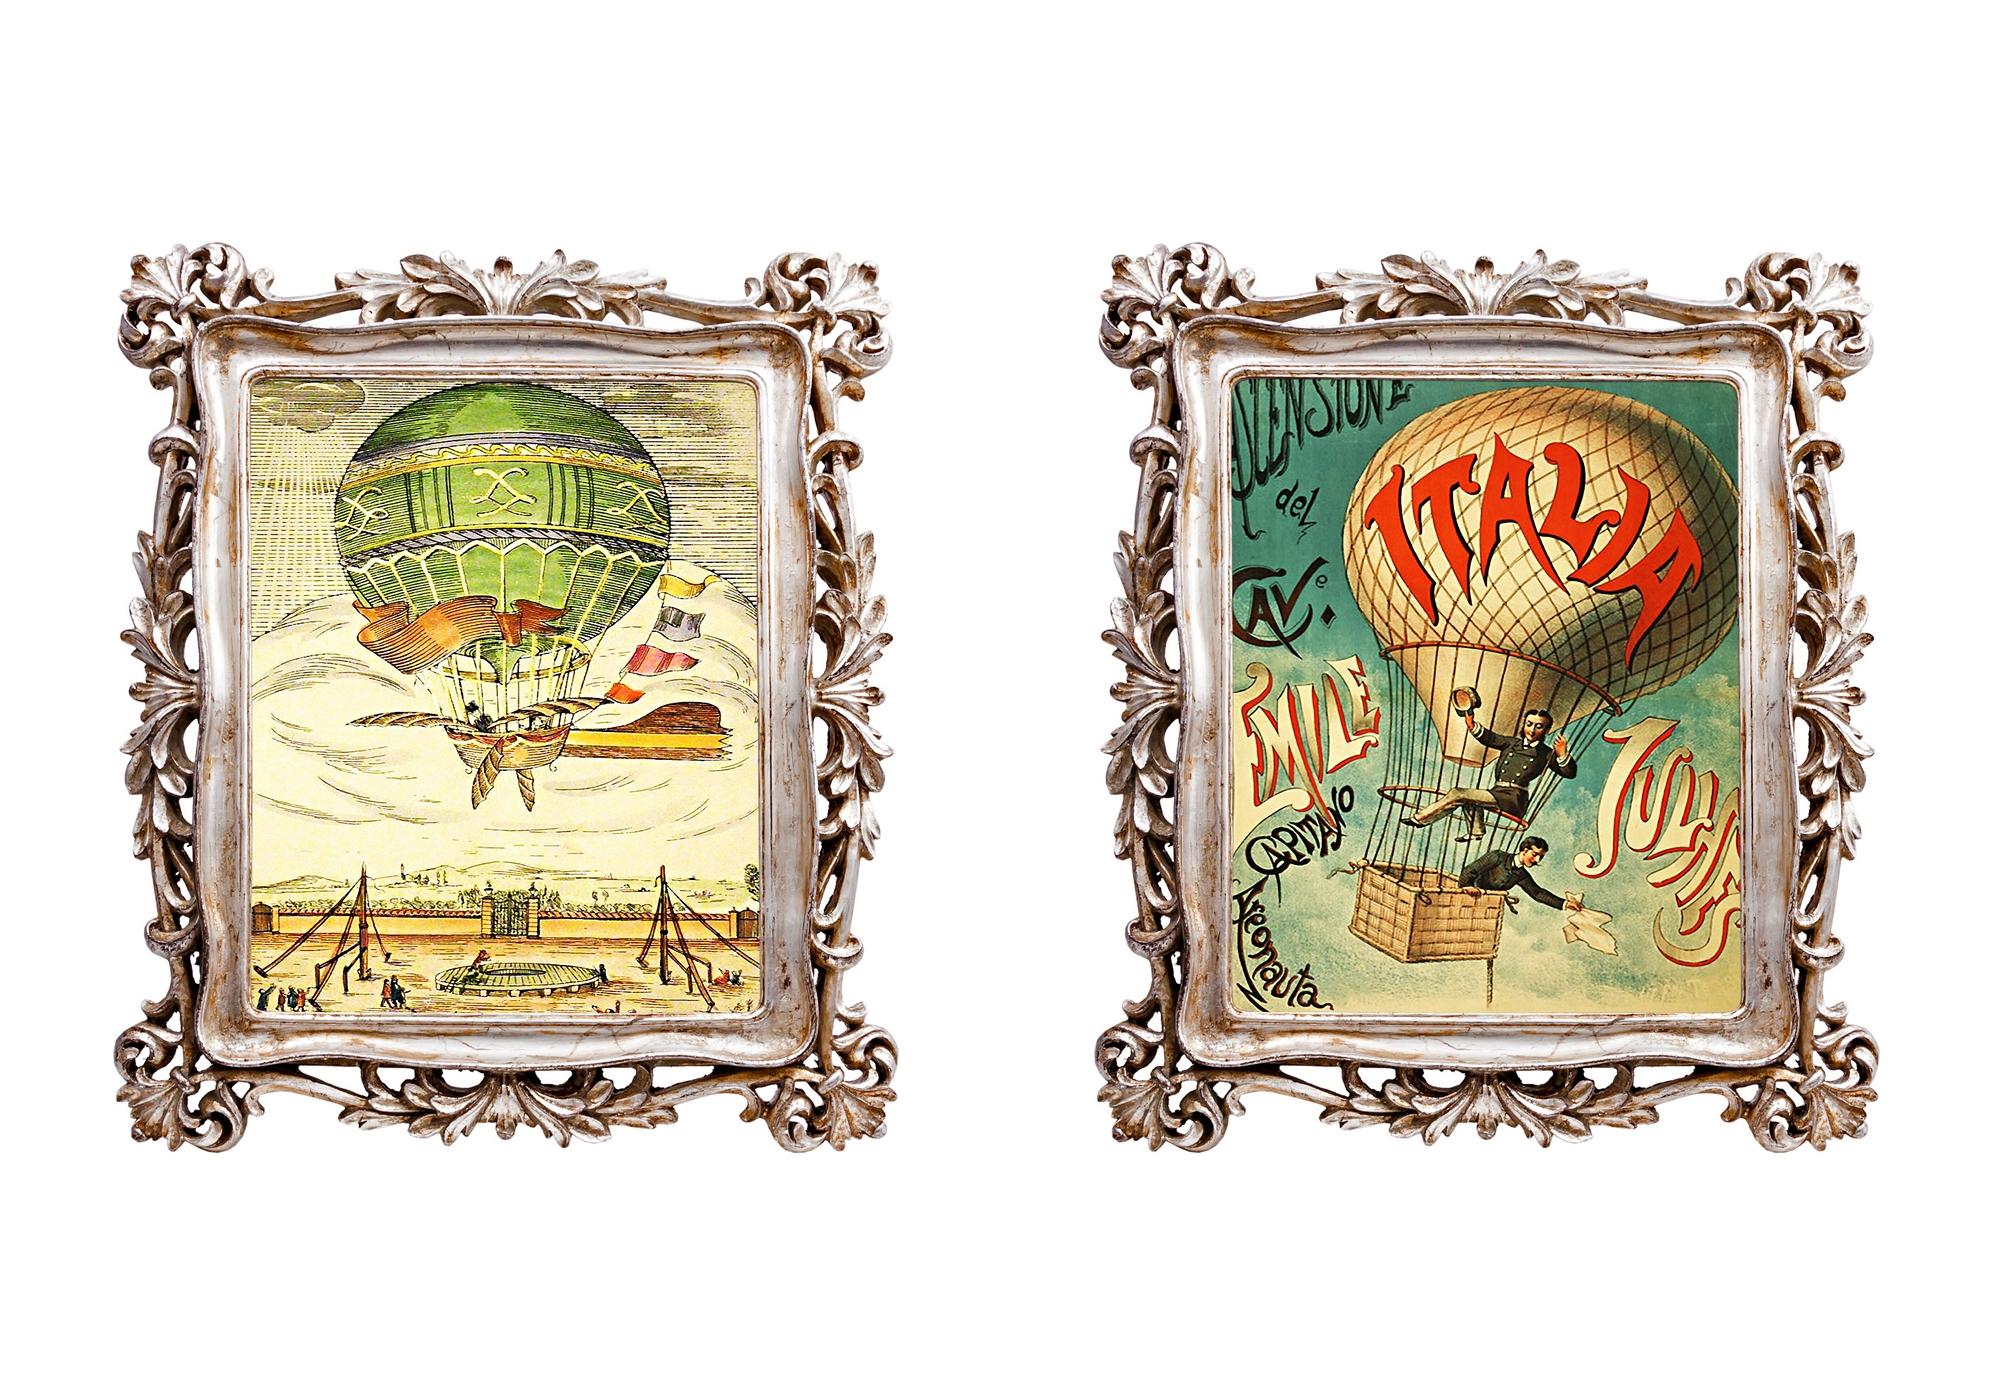 Набор из двух картин Арт-фантазия Монгольфьер версия 5Картины<br>Ворваться в невероятный сказочный мир, отправиться в увлекательное путешествие, окунуться в романтичную атмосферу... Всё это подвластно старинным картинам, вызывающим исключительно позитивные эмоции. Рама снабжена удобными просторными скобами для вертикального и горизонтального крепления на стену. <br>Оборотная сторона рамы обита бархатным полиэстером, - в любом ракурсе рама выглядит роскошно. <br>Рамы, выполненные из полистоуна, неприхотливы в уходе. Этот материал прочен, легок, стоек к влаге и солнечному свету.<br><br>Material: Полистоун<br>Width см: 29,7<br>Depth см: 2,2<br>Height см: 34,7